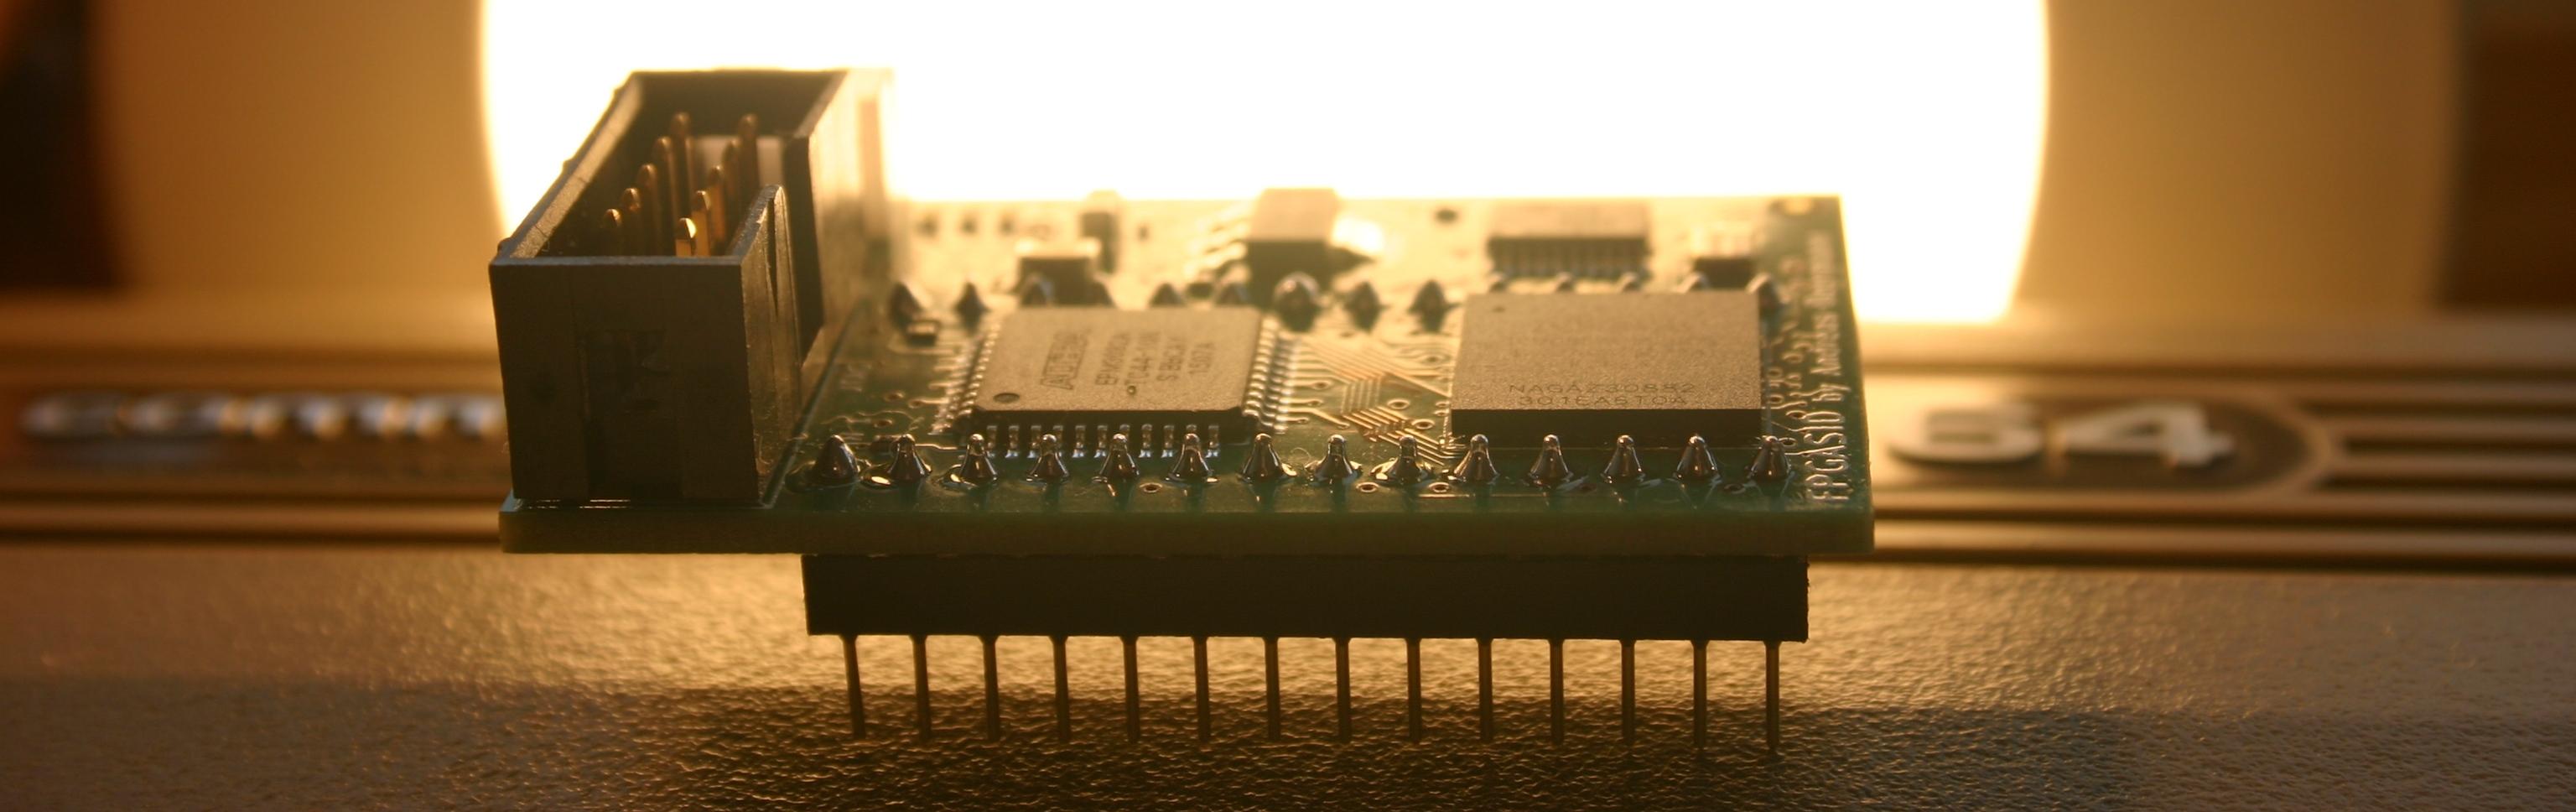 FPGASID